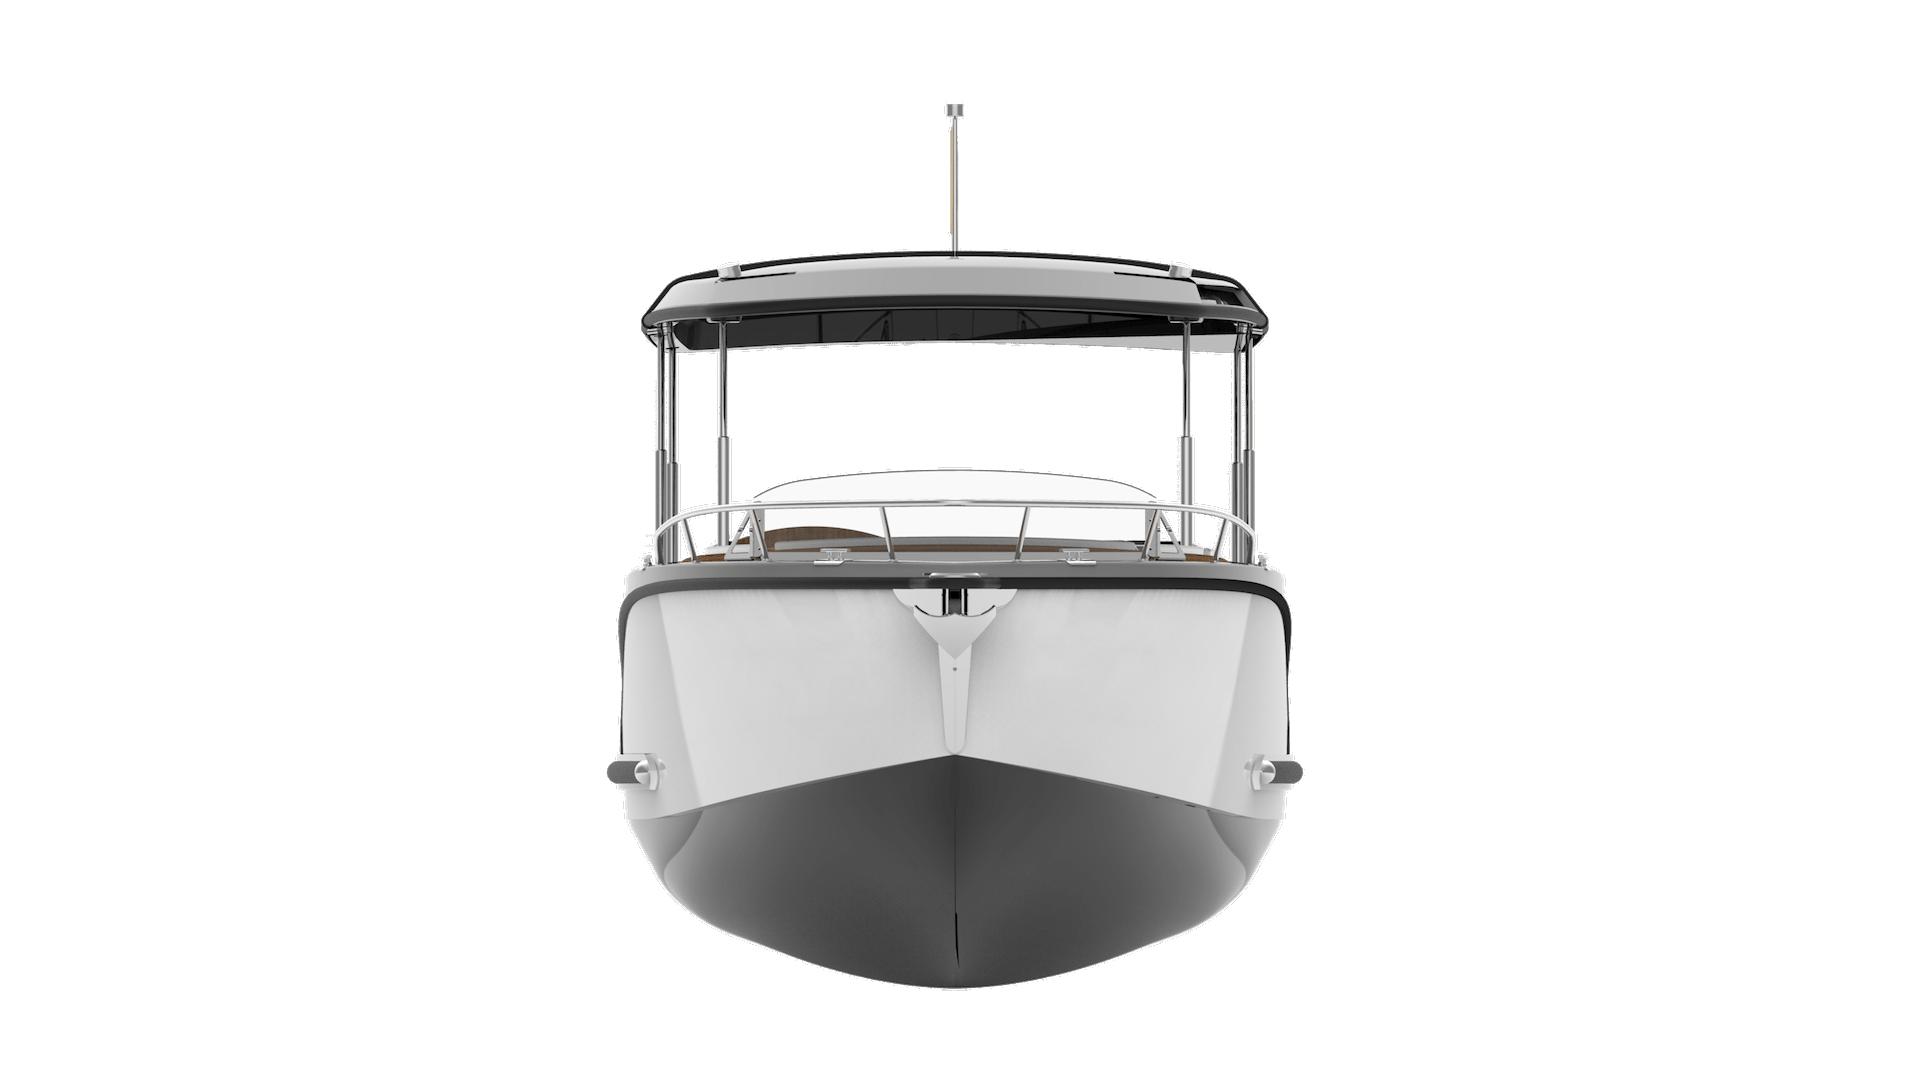 Elektroboote mit kajüte